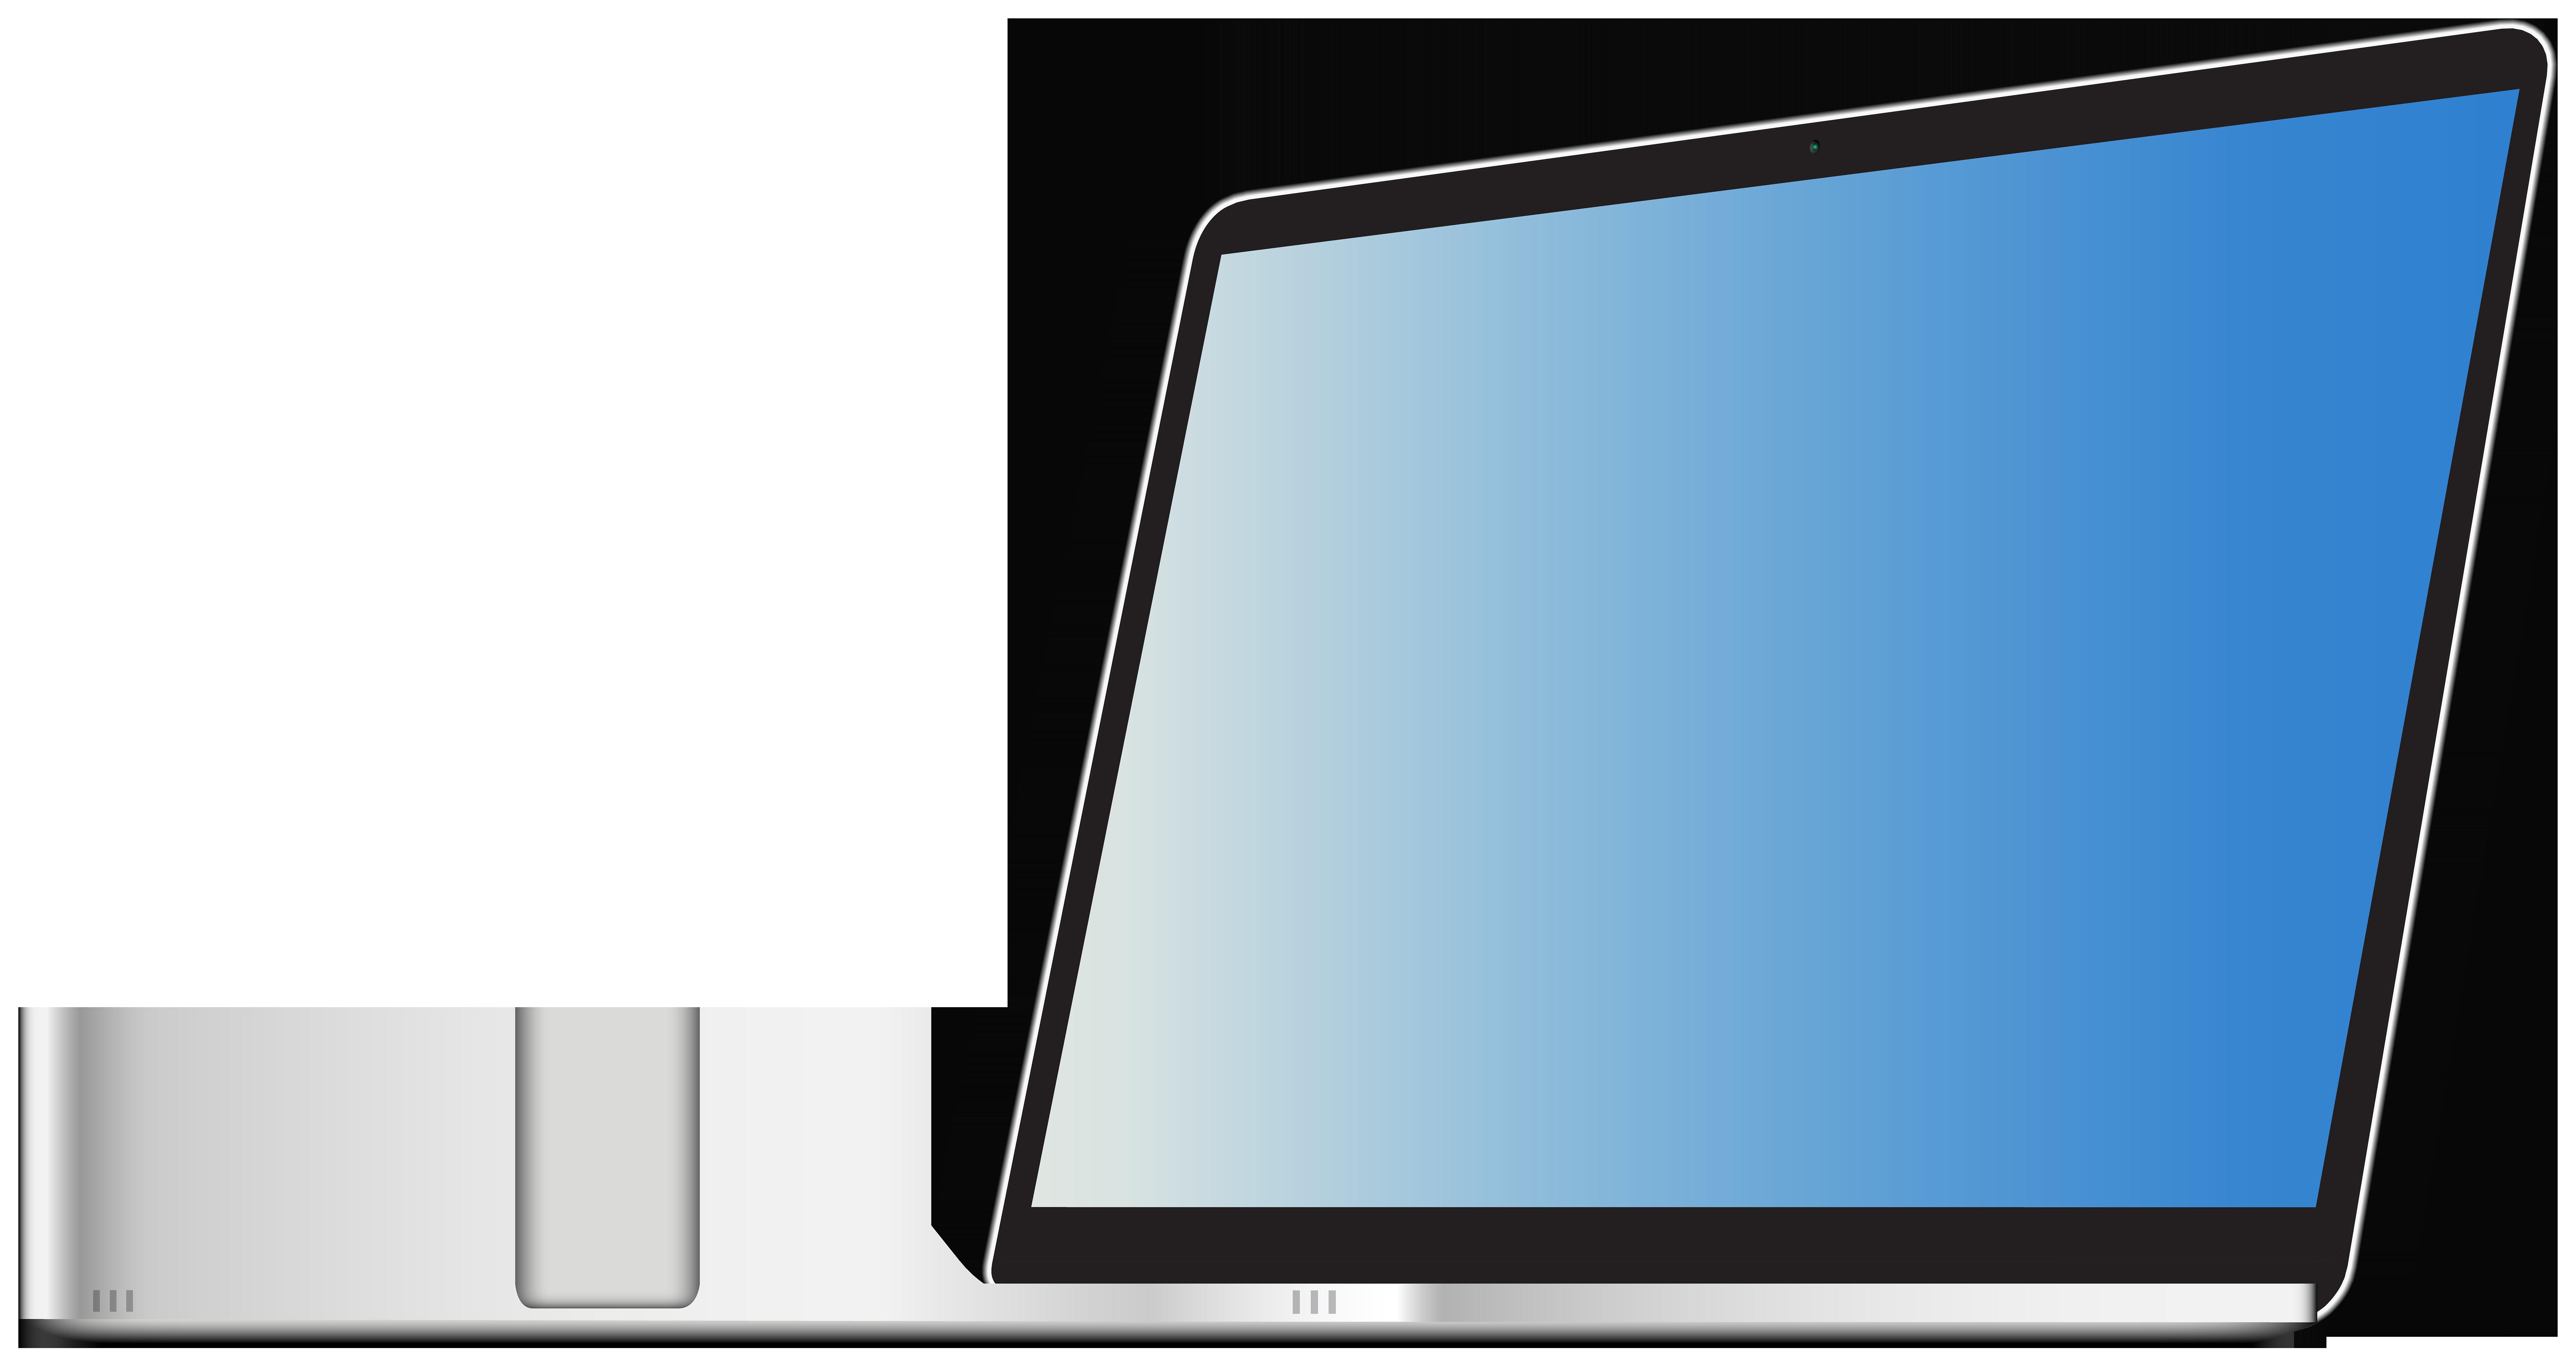 Laptop transparent png image. Notebook clipart clip art